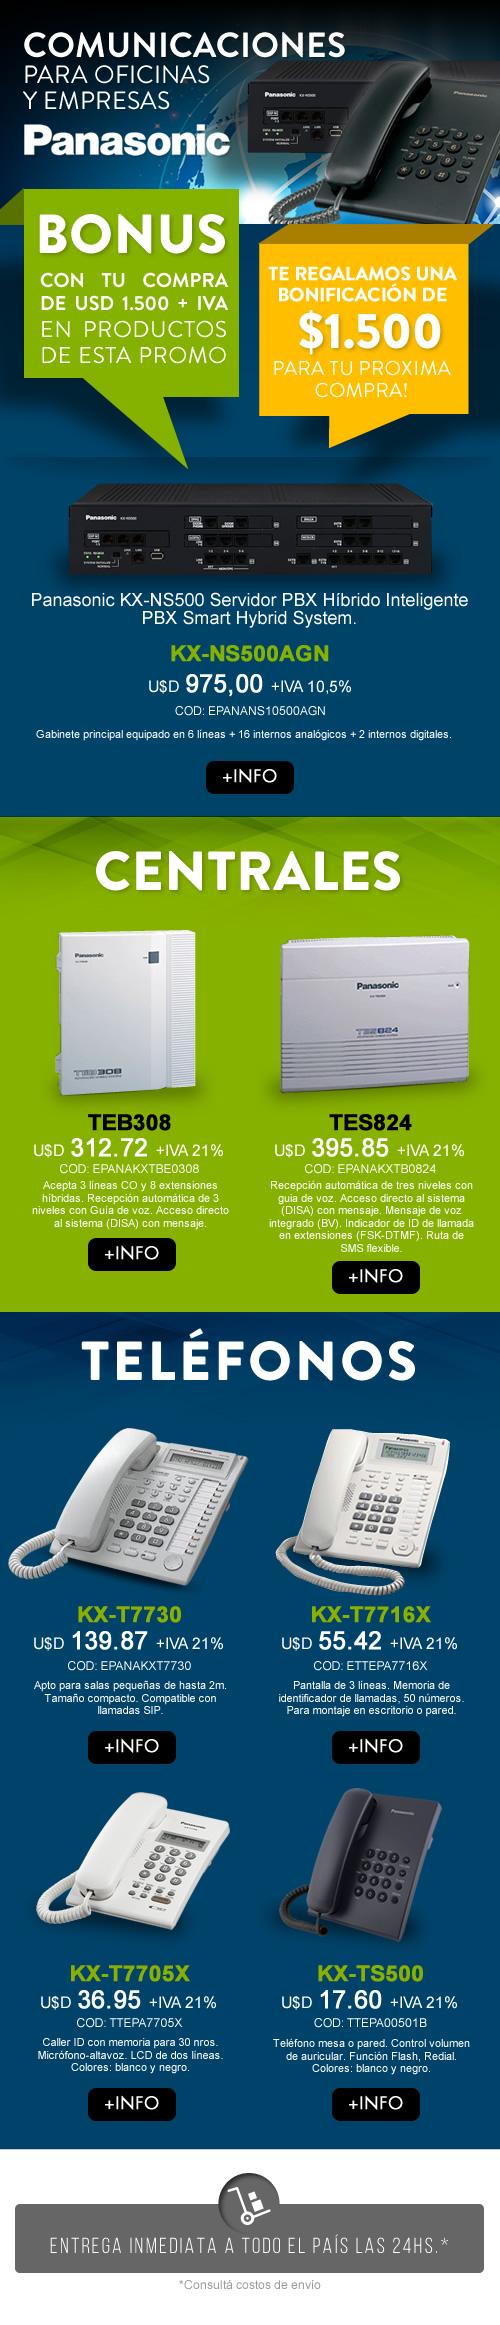 Promoción Centrales y Teléfonos Panasonic